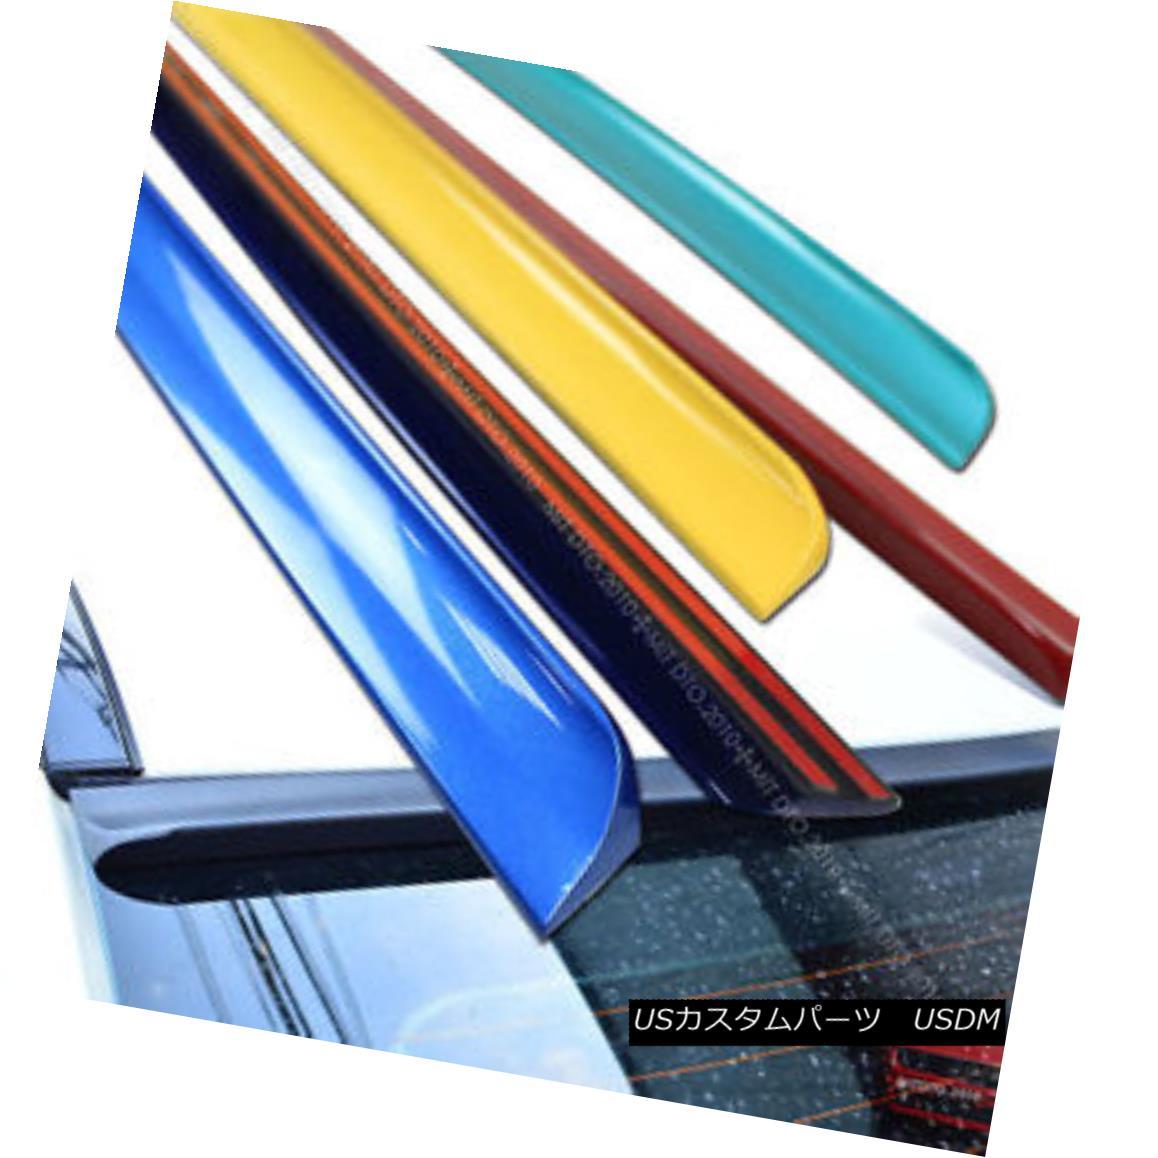 エアロパーツ Painted ACURA TL 3th III Rear Window Roof Spoiler Wing 04-08 4DR Sedan § 塗装ACURA TL 3th IIIリアウィンドウルーフスポイラーウィング04-08 4DRセダン